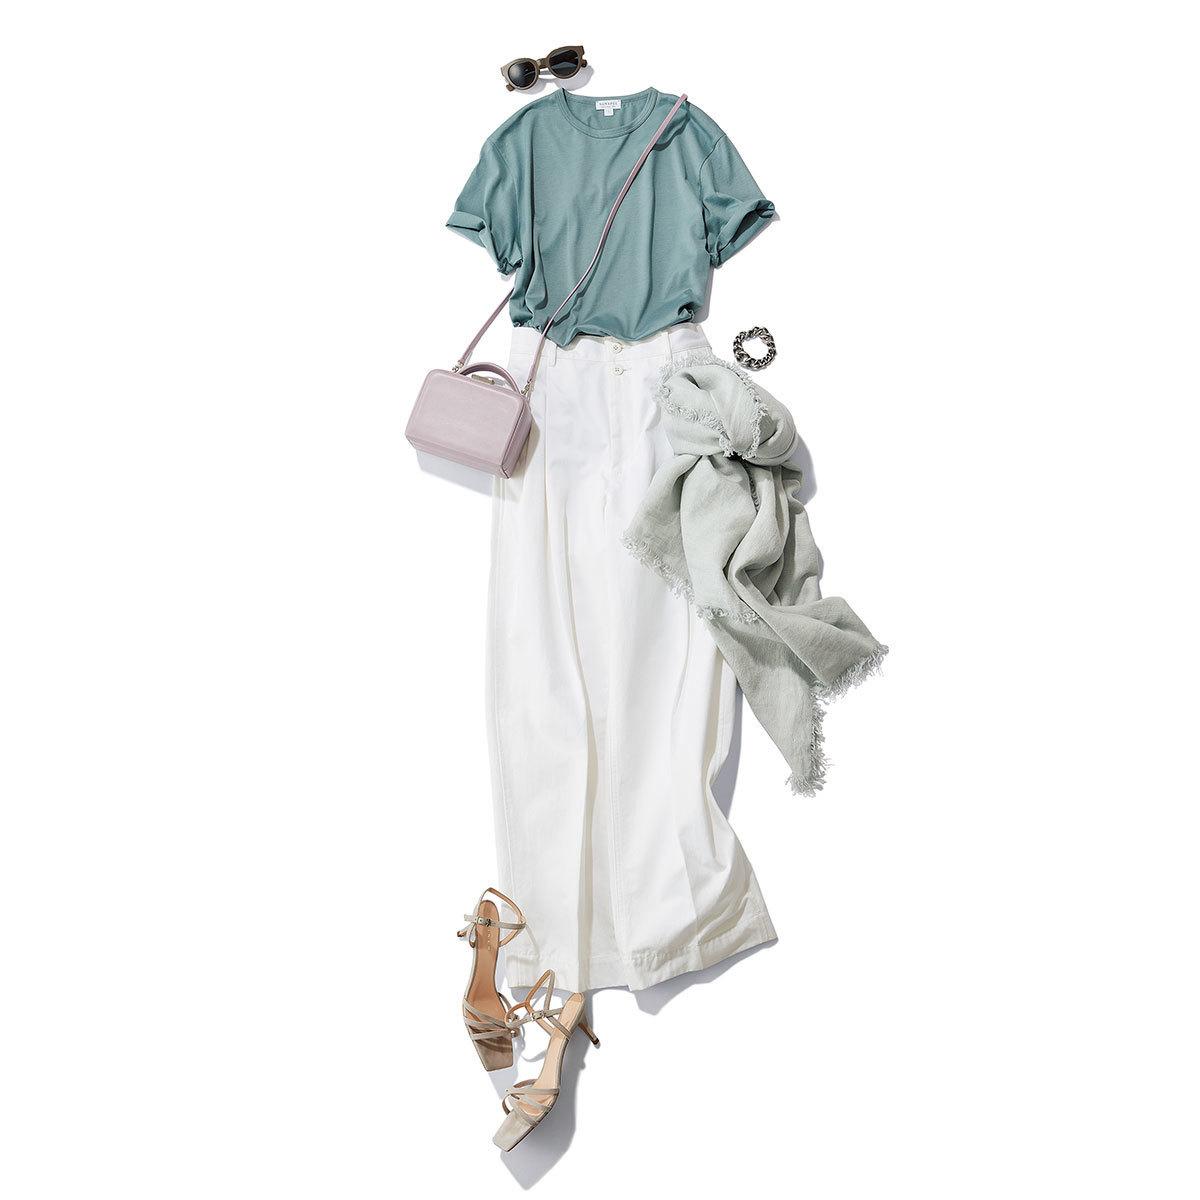 セージグリーンTシャツ×白パンツスカートのカジュアルファッションコーデ